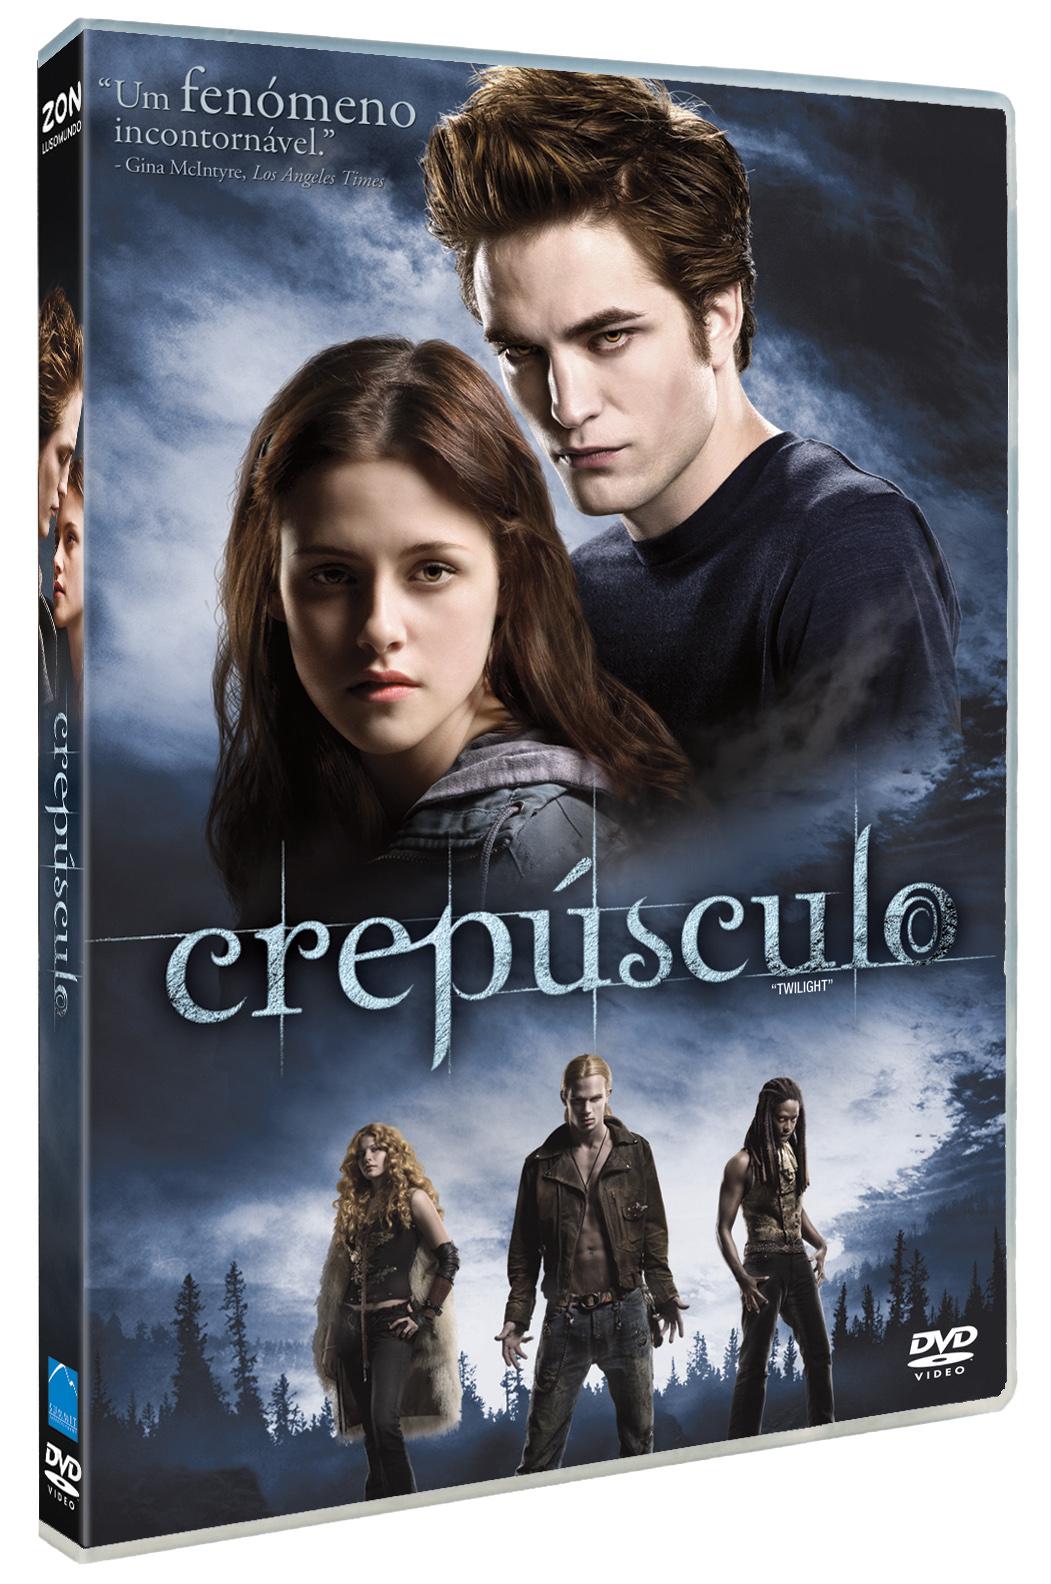 http://4.bp.blogspot.com/-ZSGrCLY7rY8/TueGo-iCLFI/AAAAAAAAAHU/EFxDMnzeDnA/s1600/DVD+Crep%25C3%25BAsculo+1+Disco.jpg